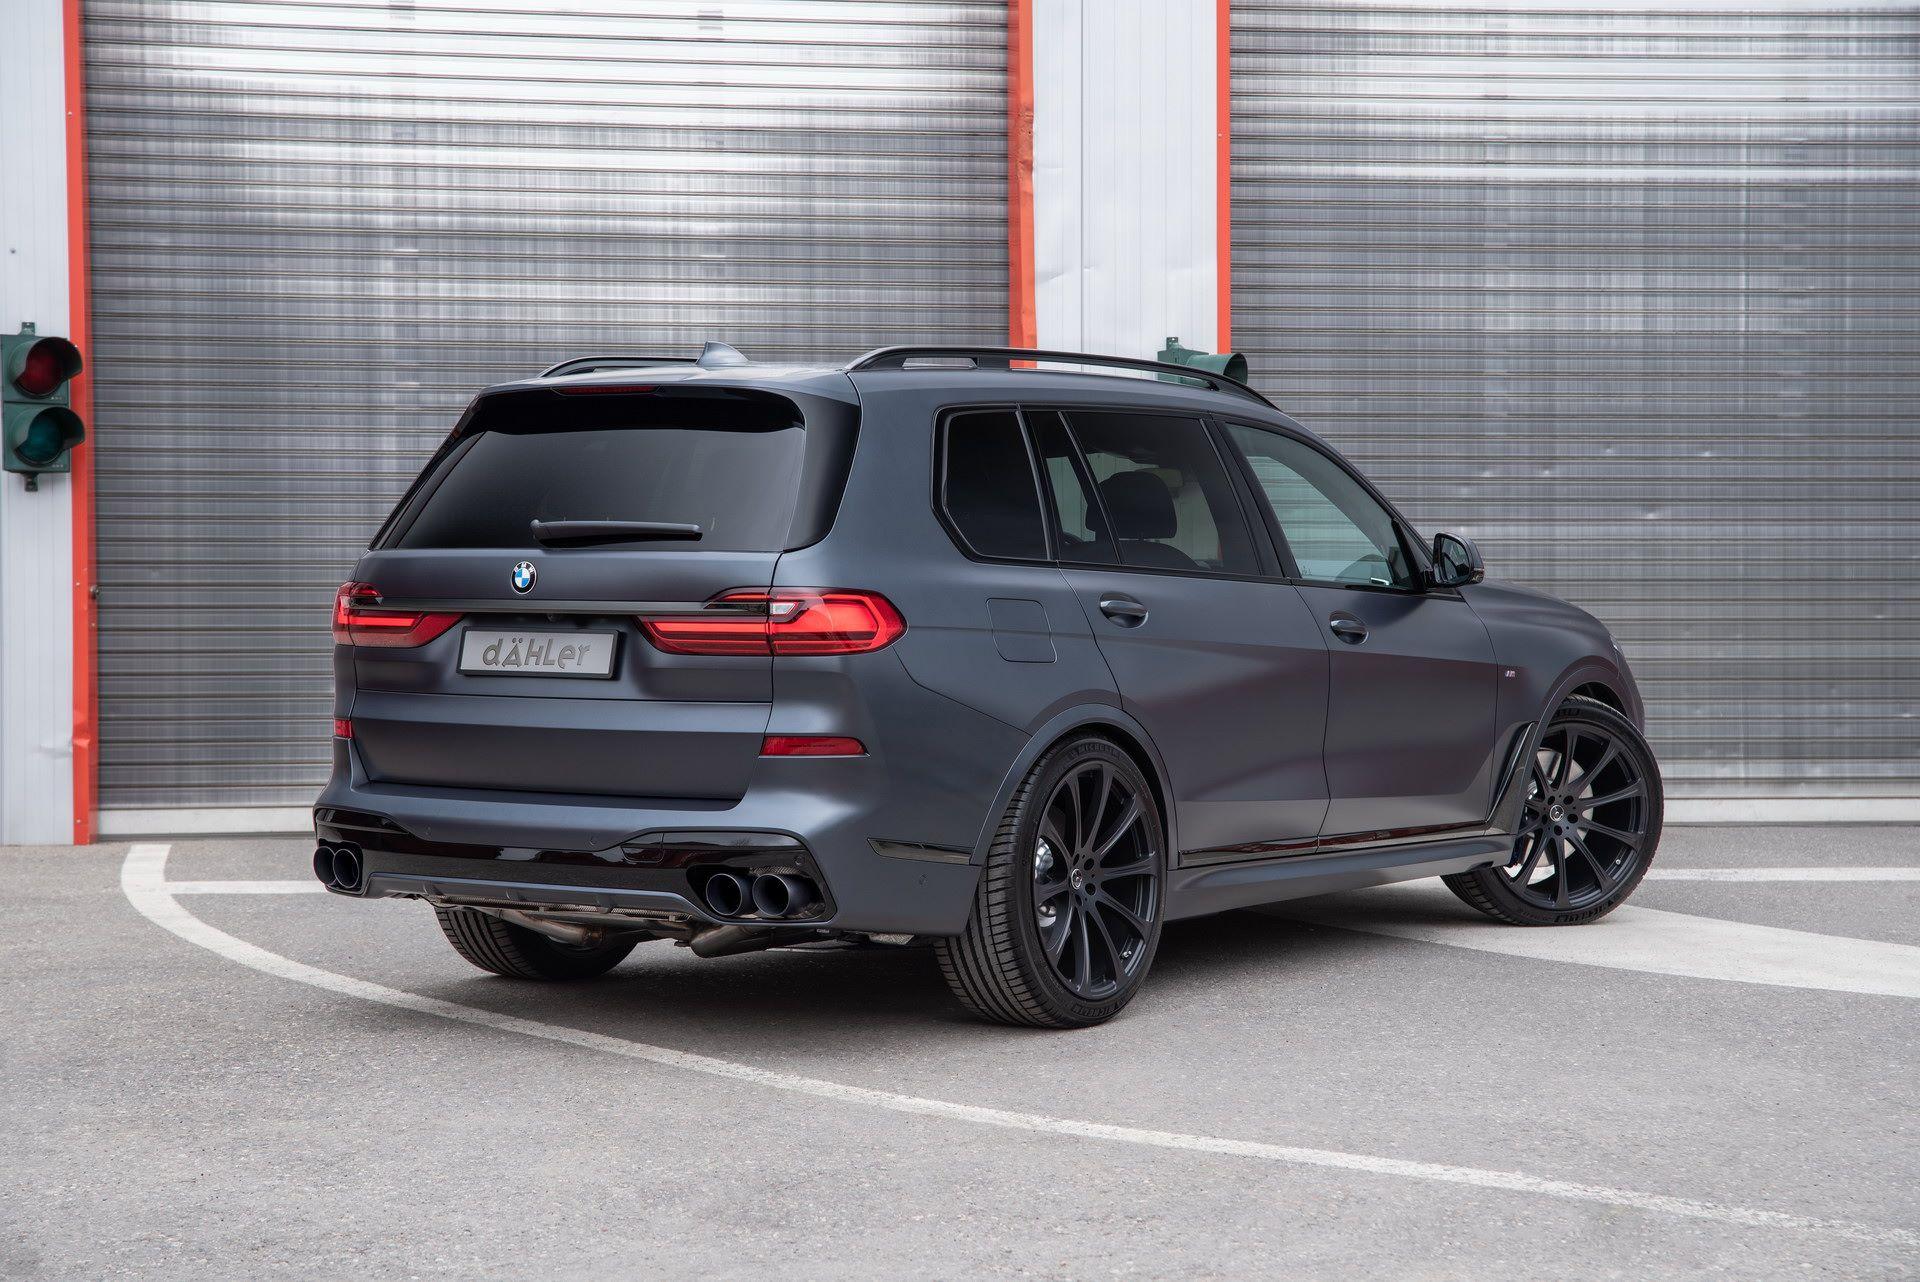 BMW-X7-by-Dahler-4